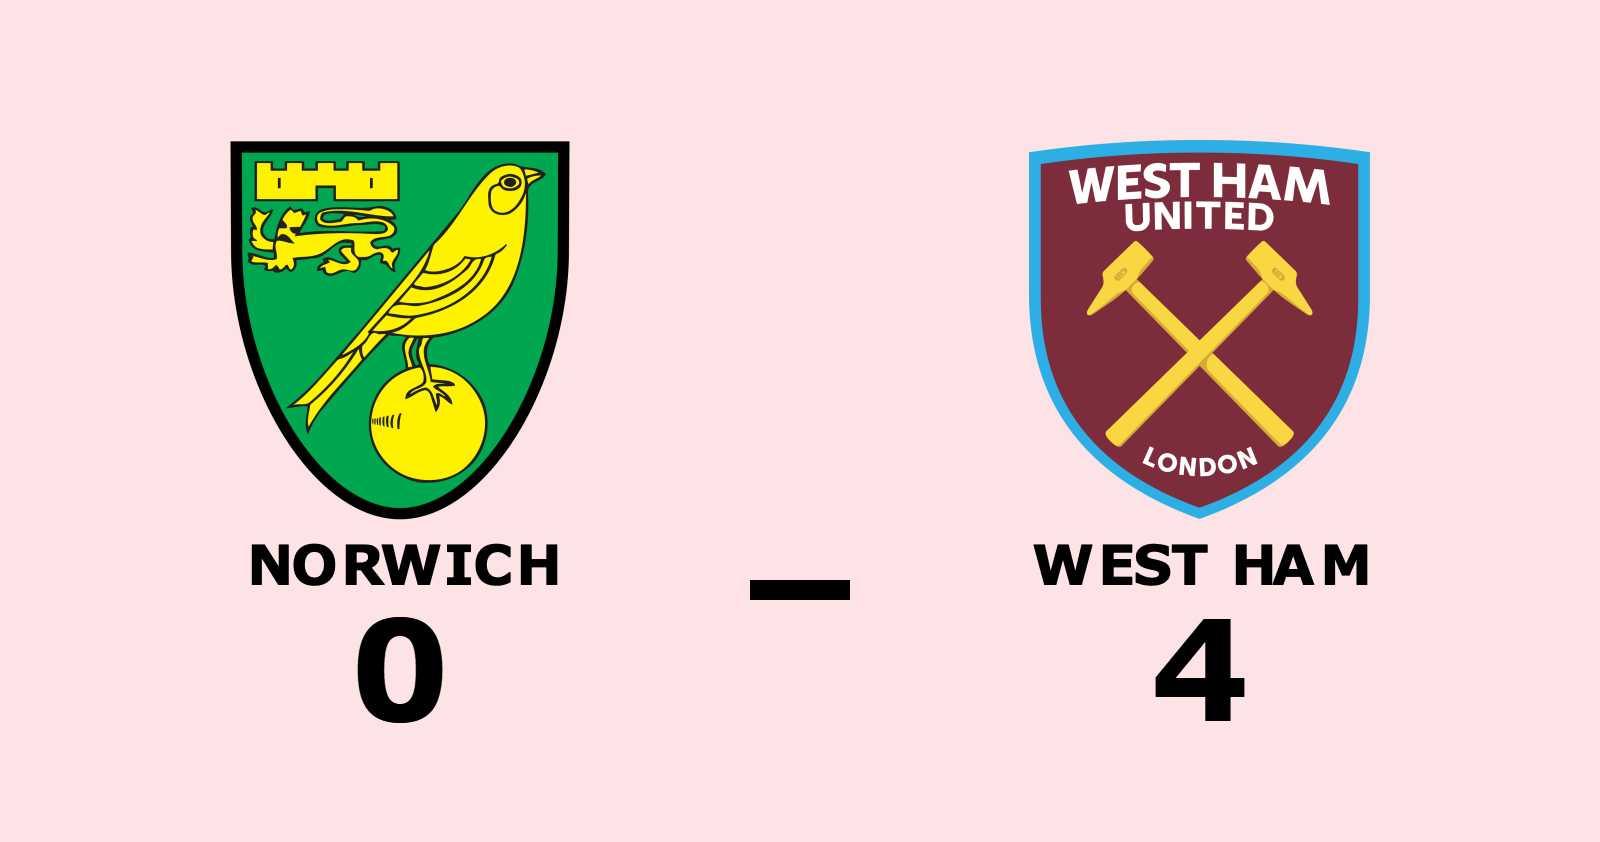 Norwich åker ur efter tung förlust